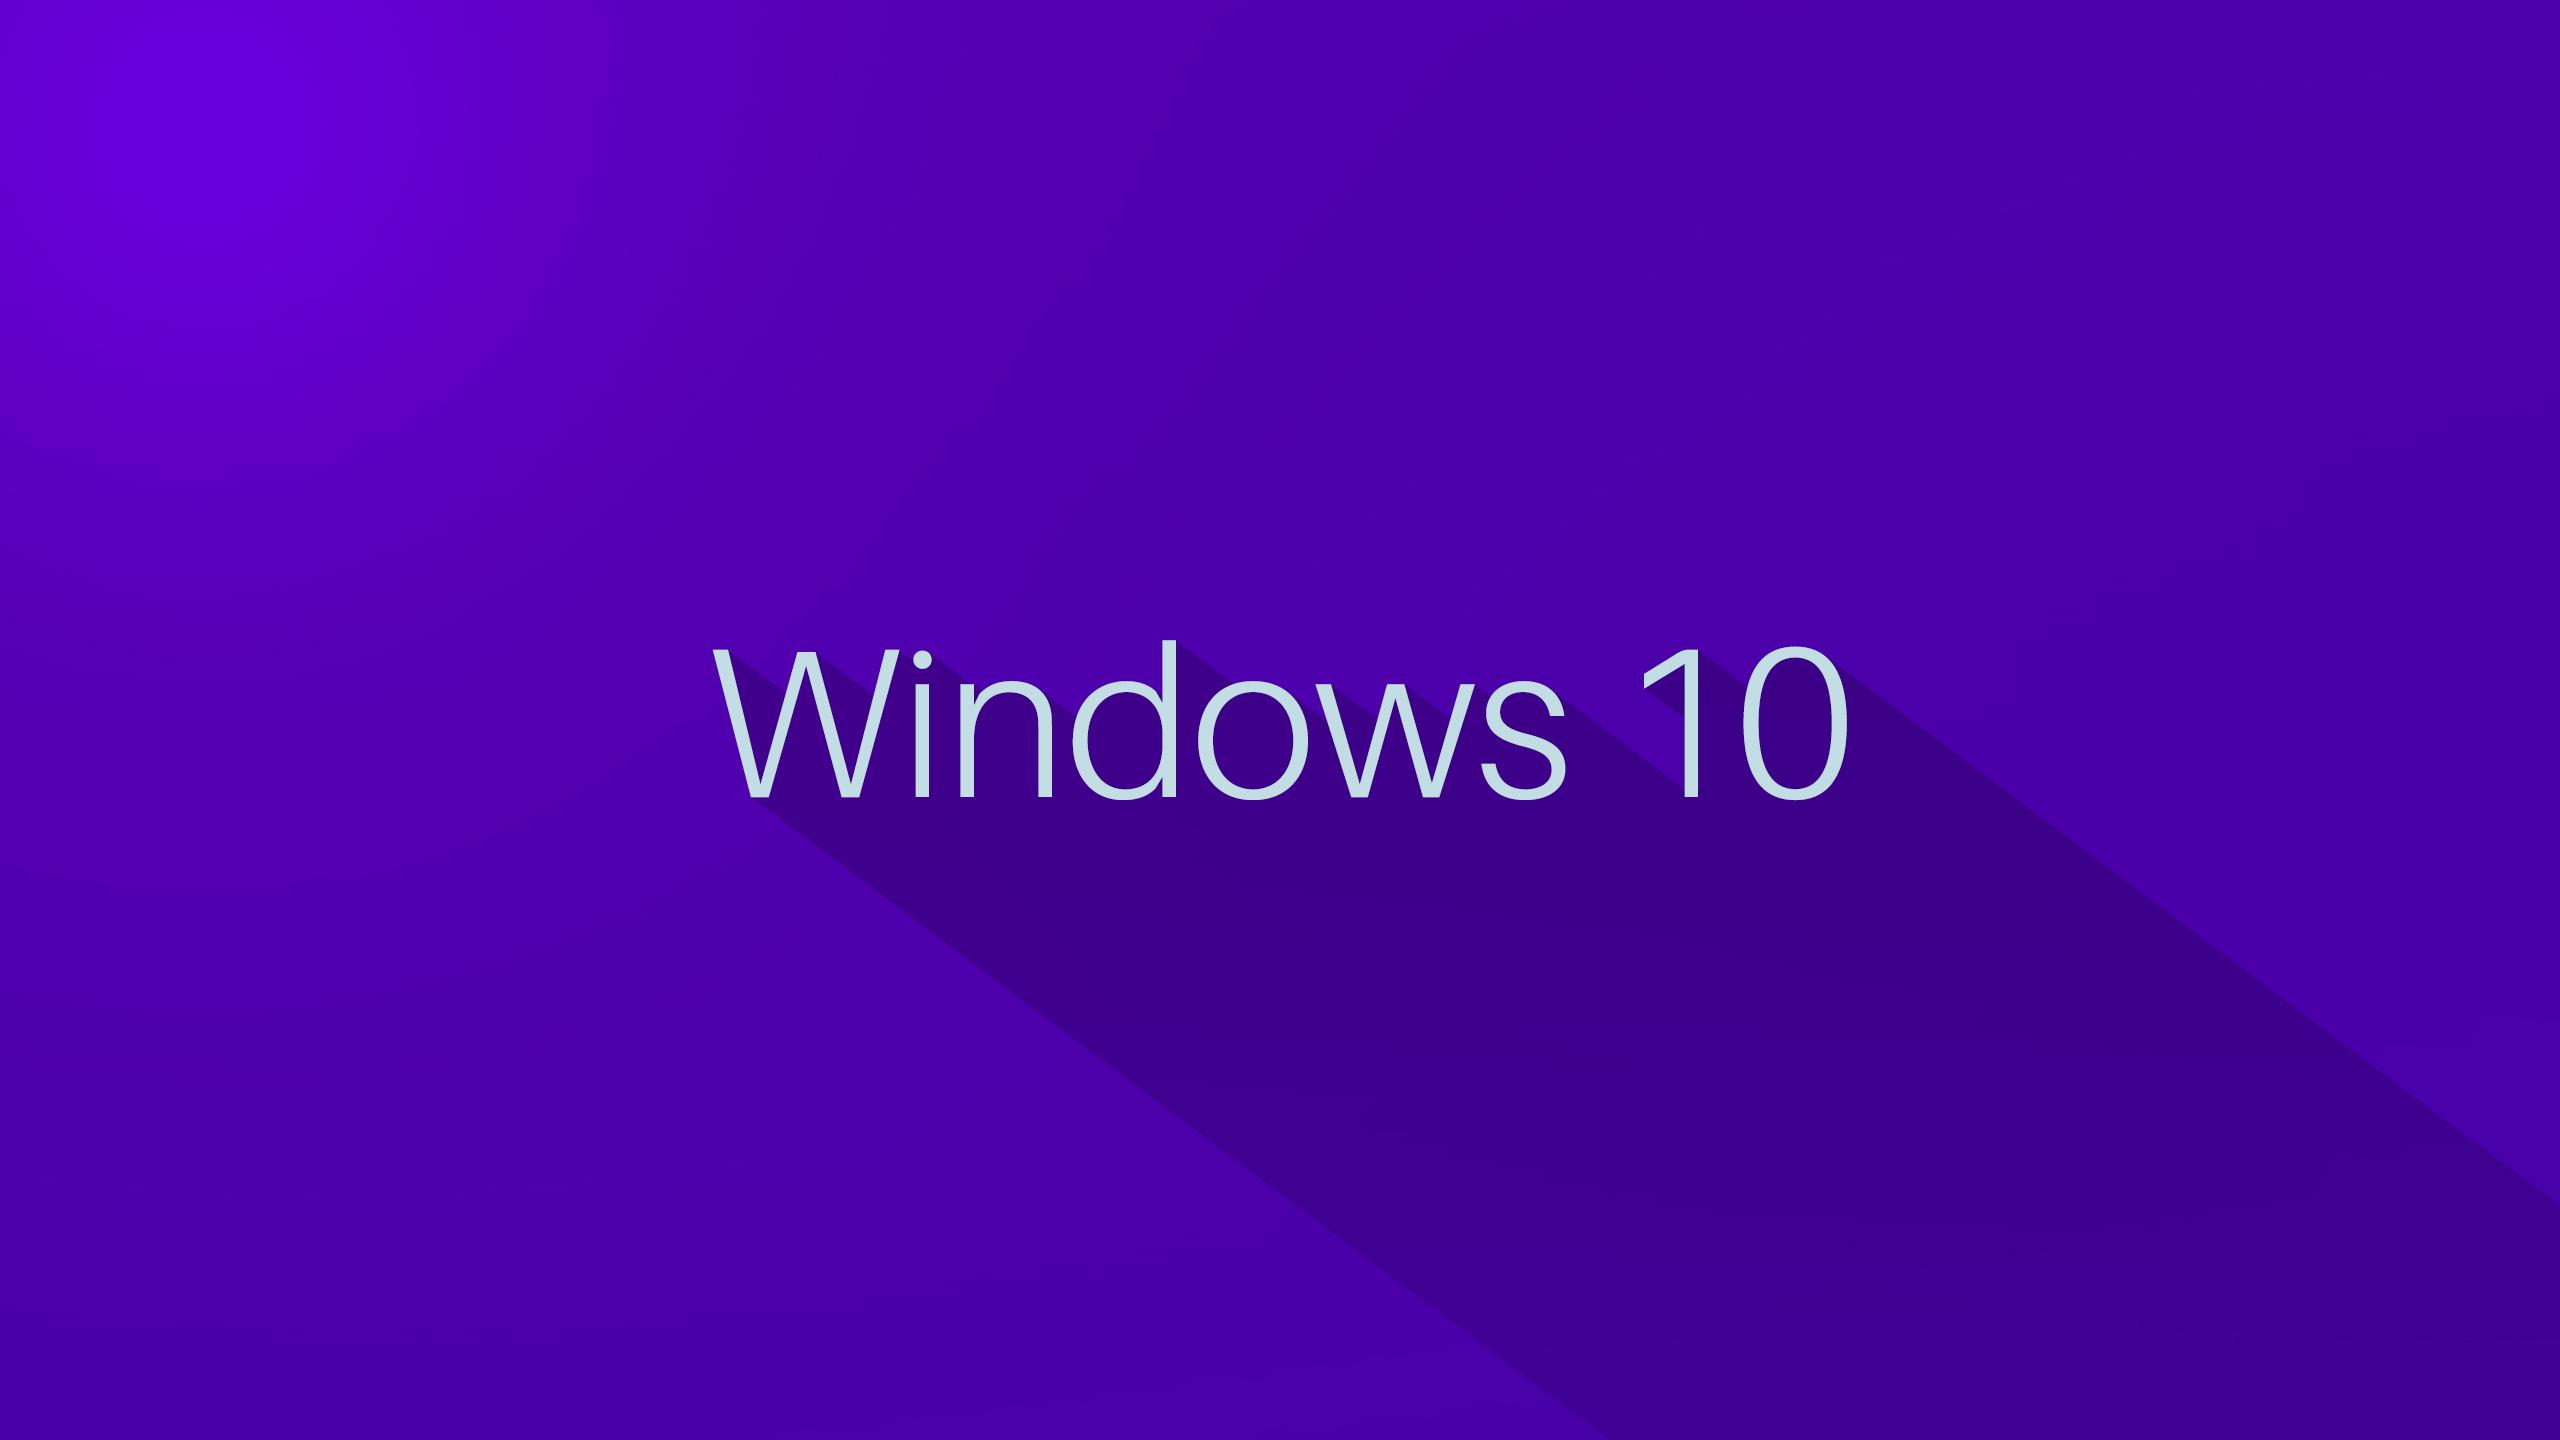 Hd wallpaper zip pack - Windows 10 Flat Wallpaper Wallpapersafari